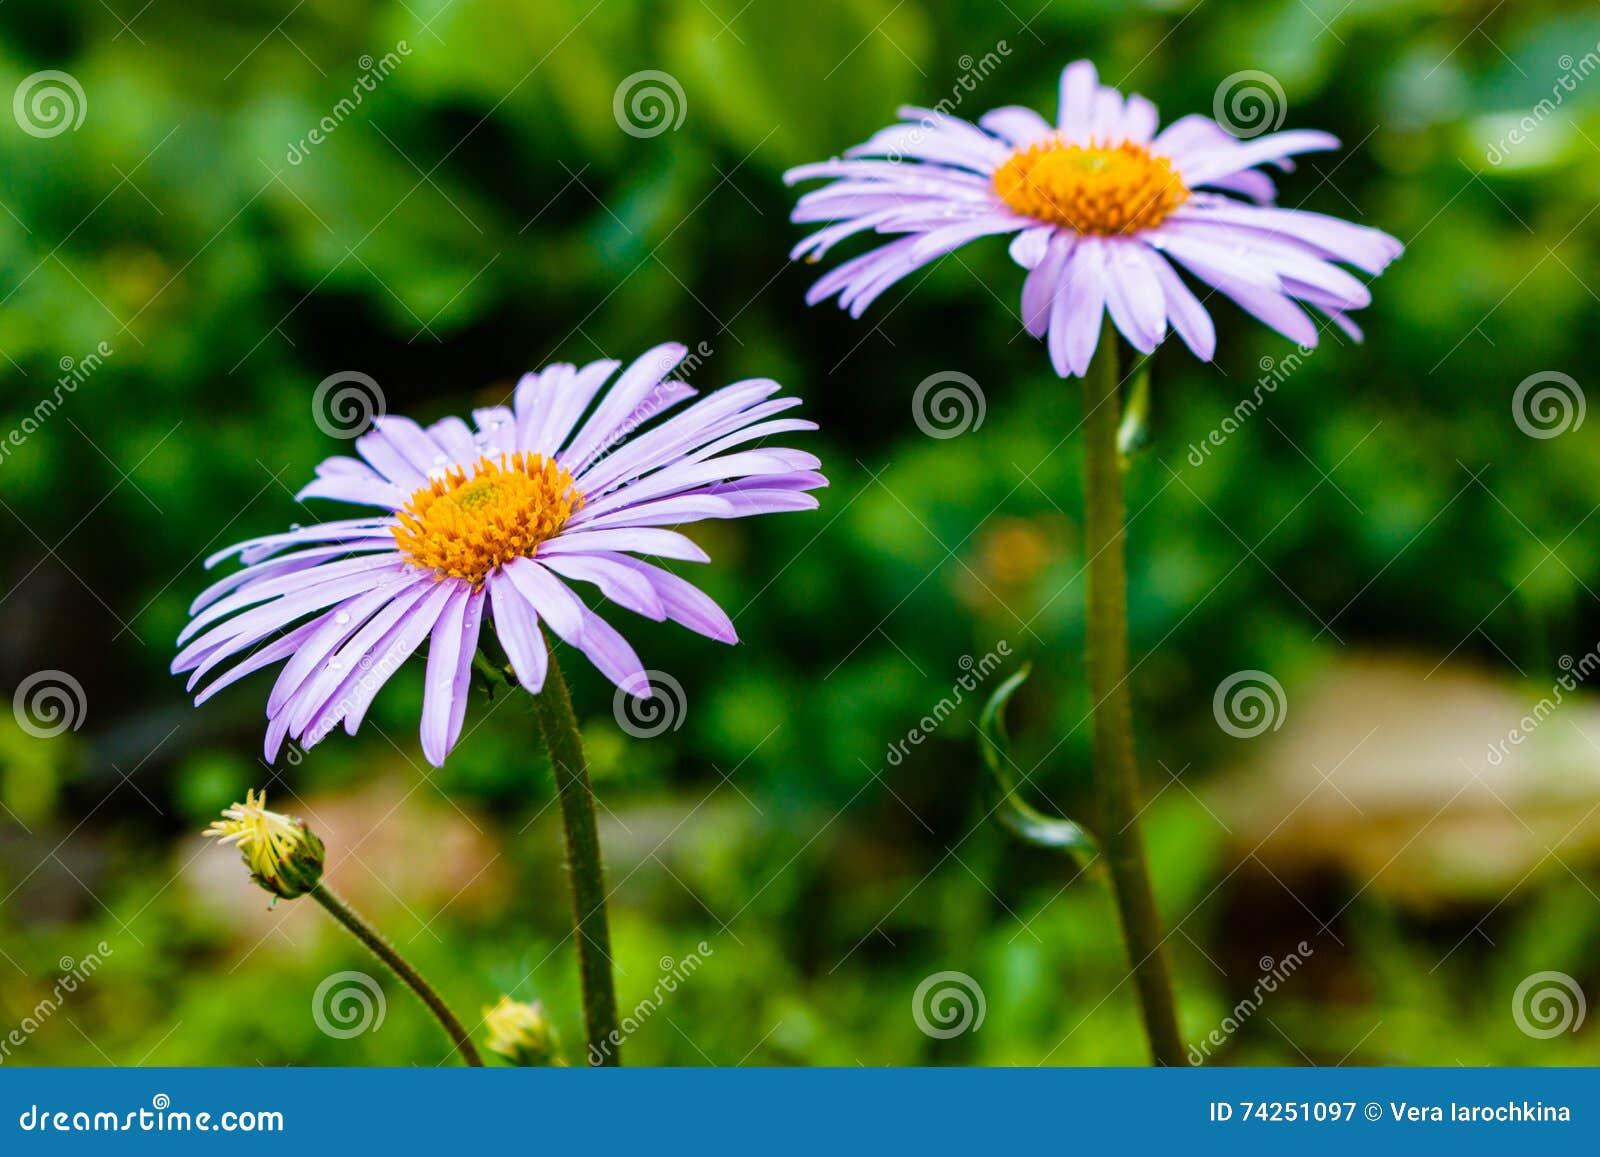 蓝蓝翠菊tongolensis,家庭菊科 花二 紫色